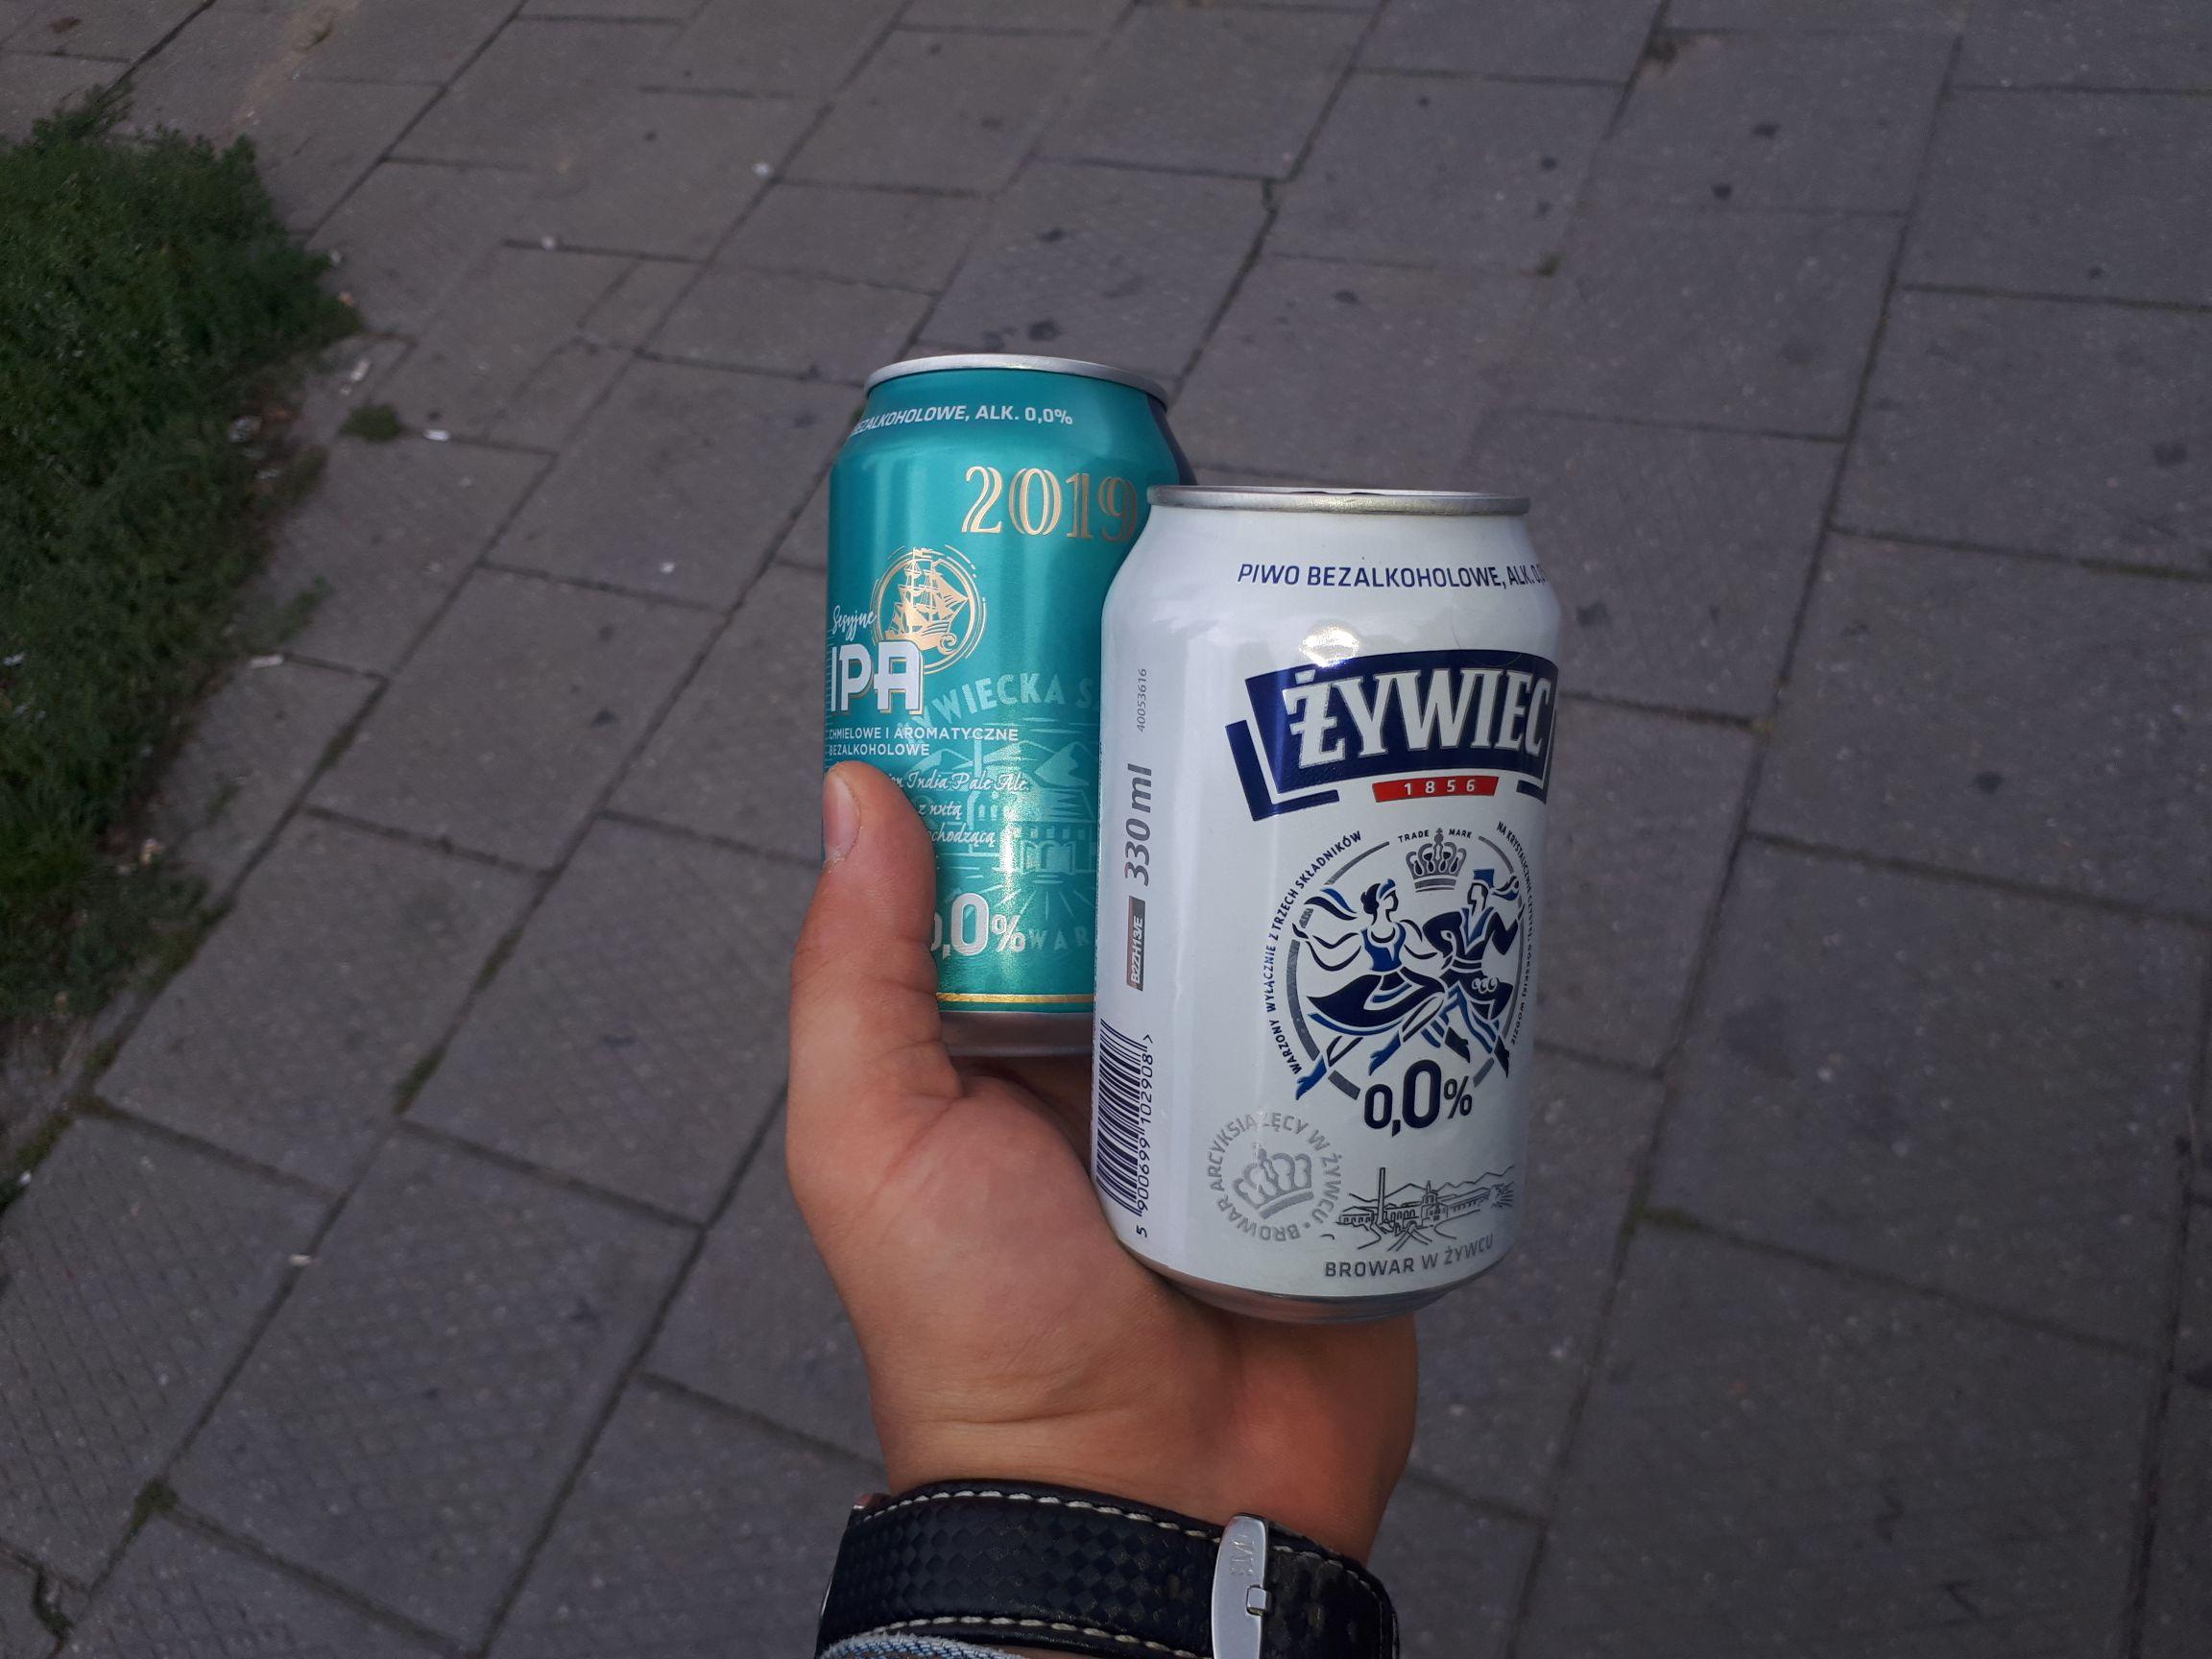 Piwo 0% żywiec Poznań